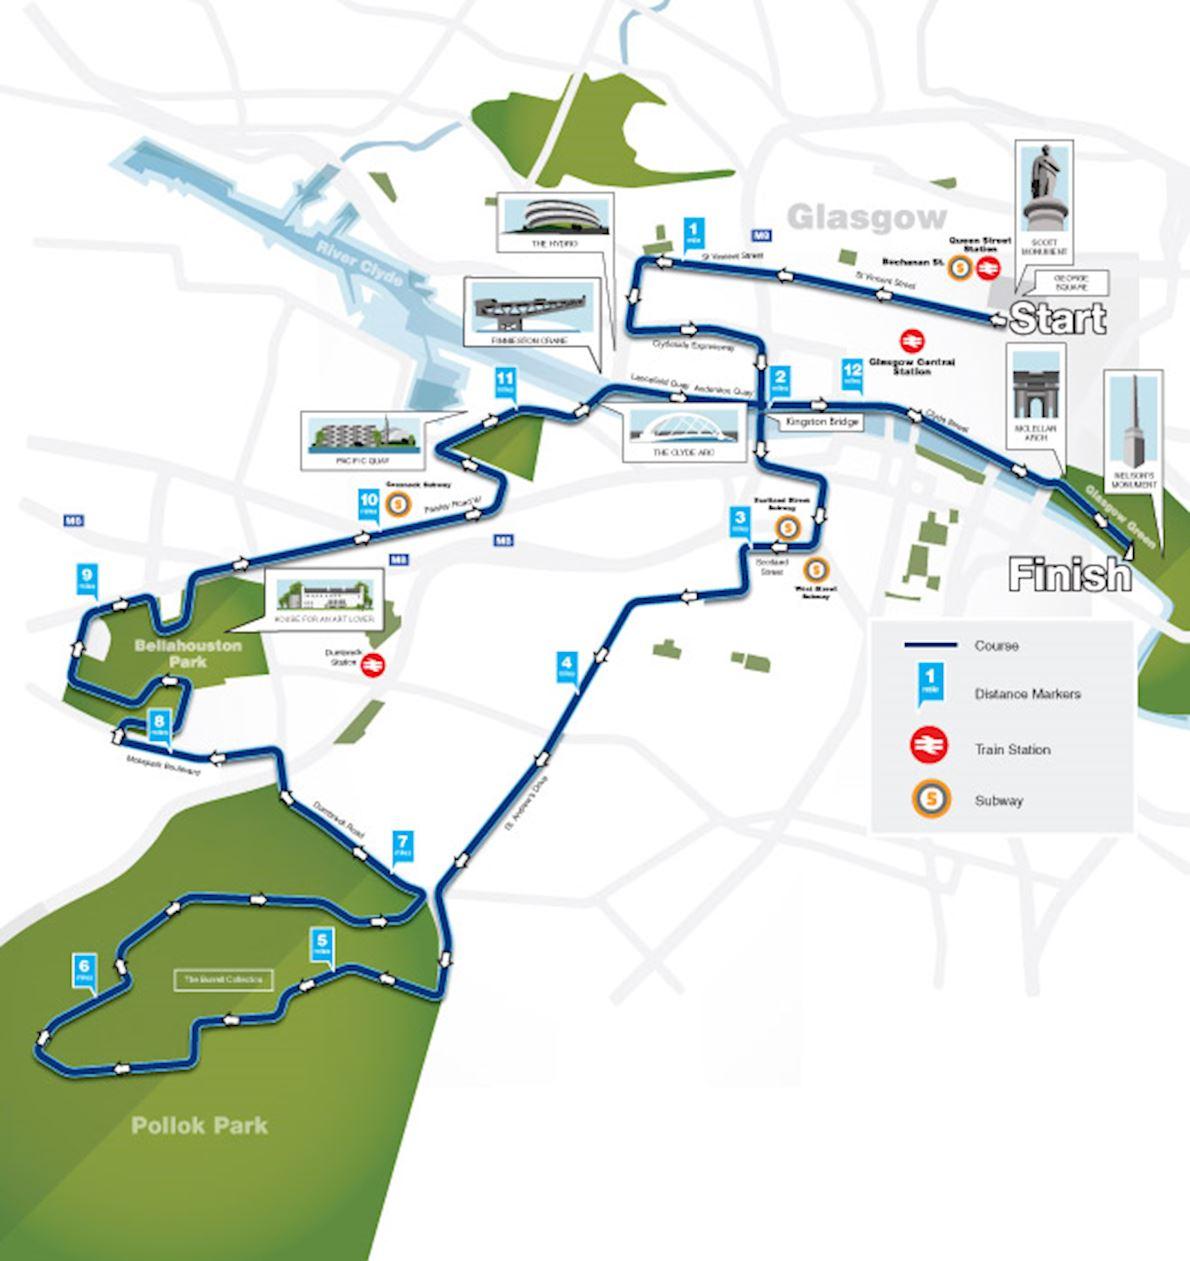 Glasgow Half Marathon Mappa del percorso